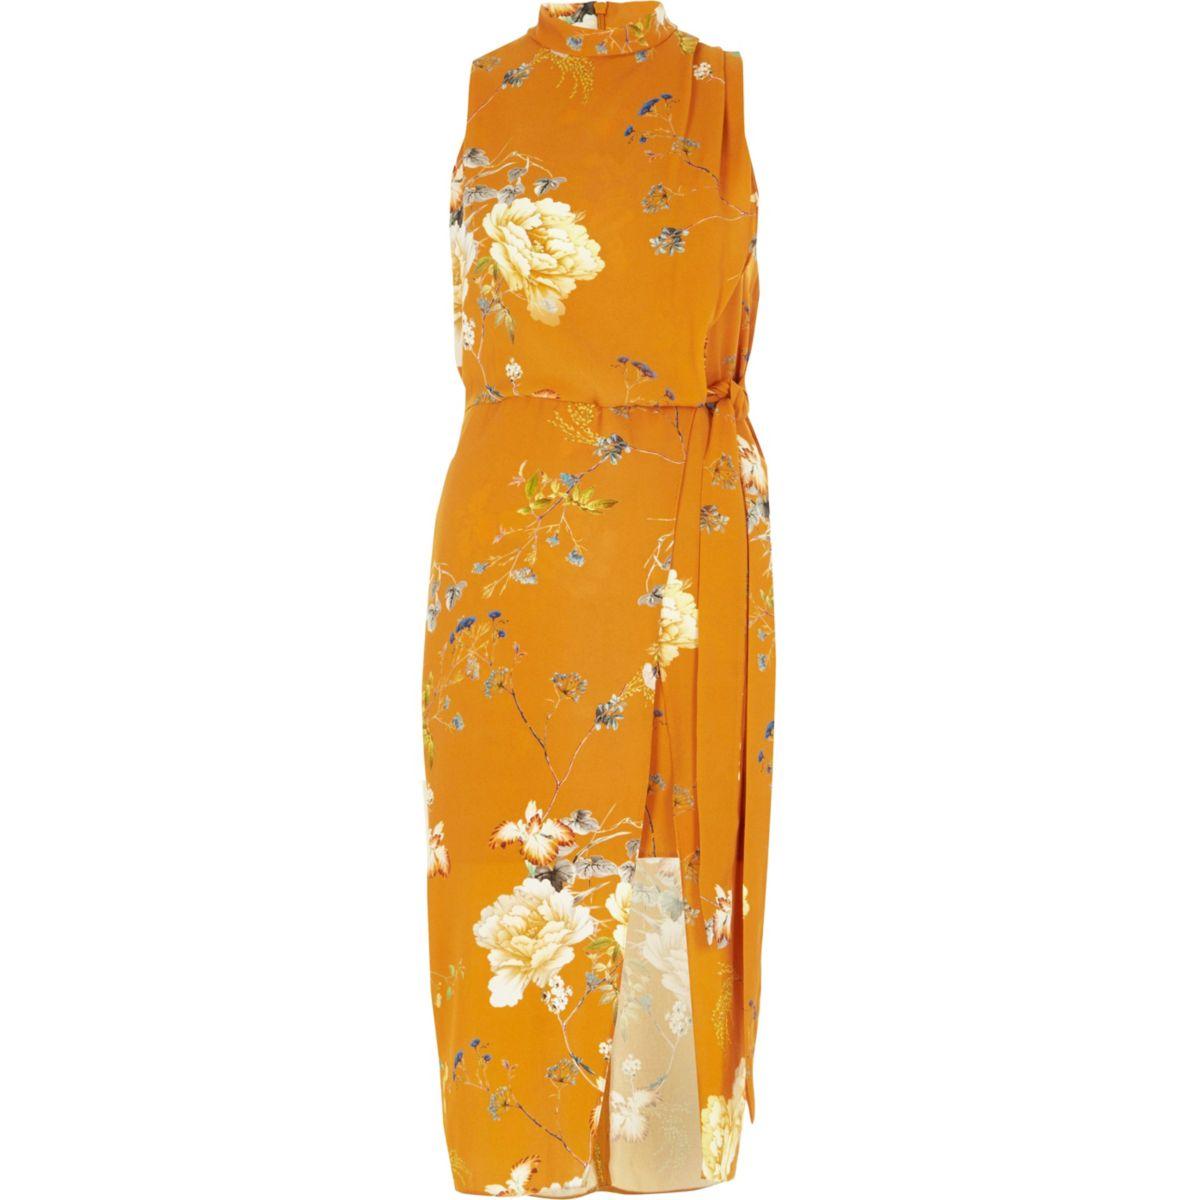 Orange floral tie waist high neck midi dress